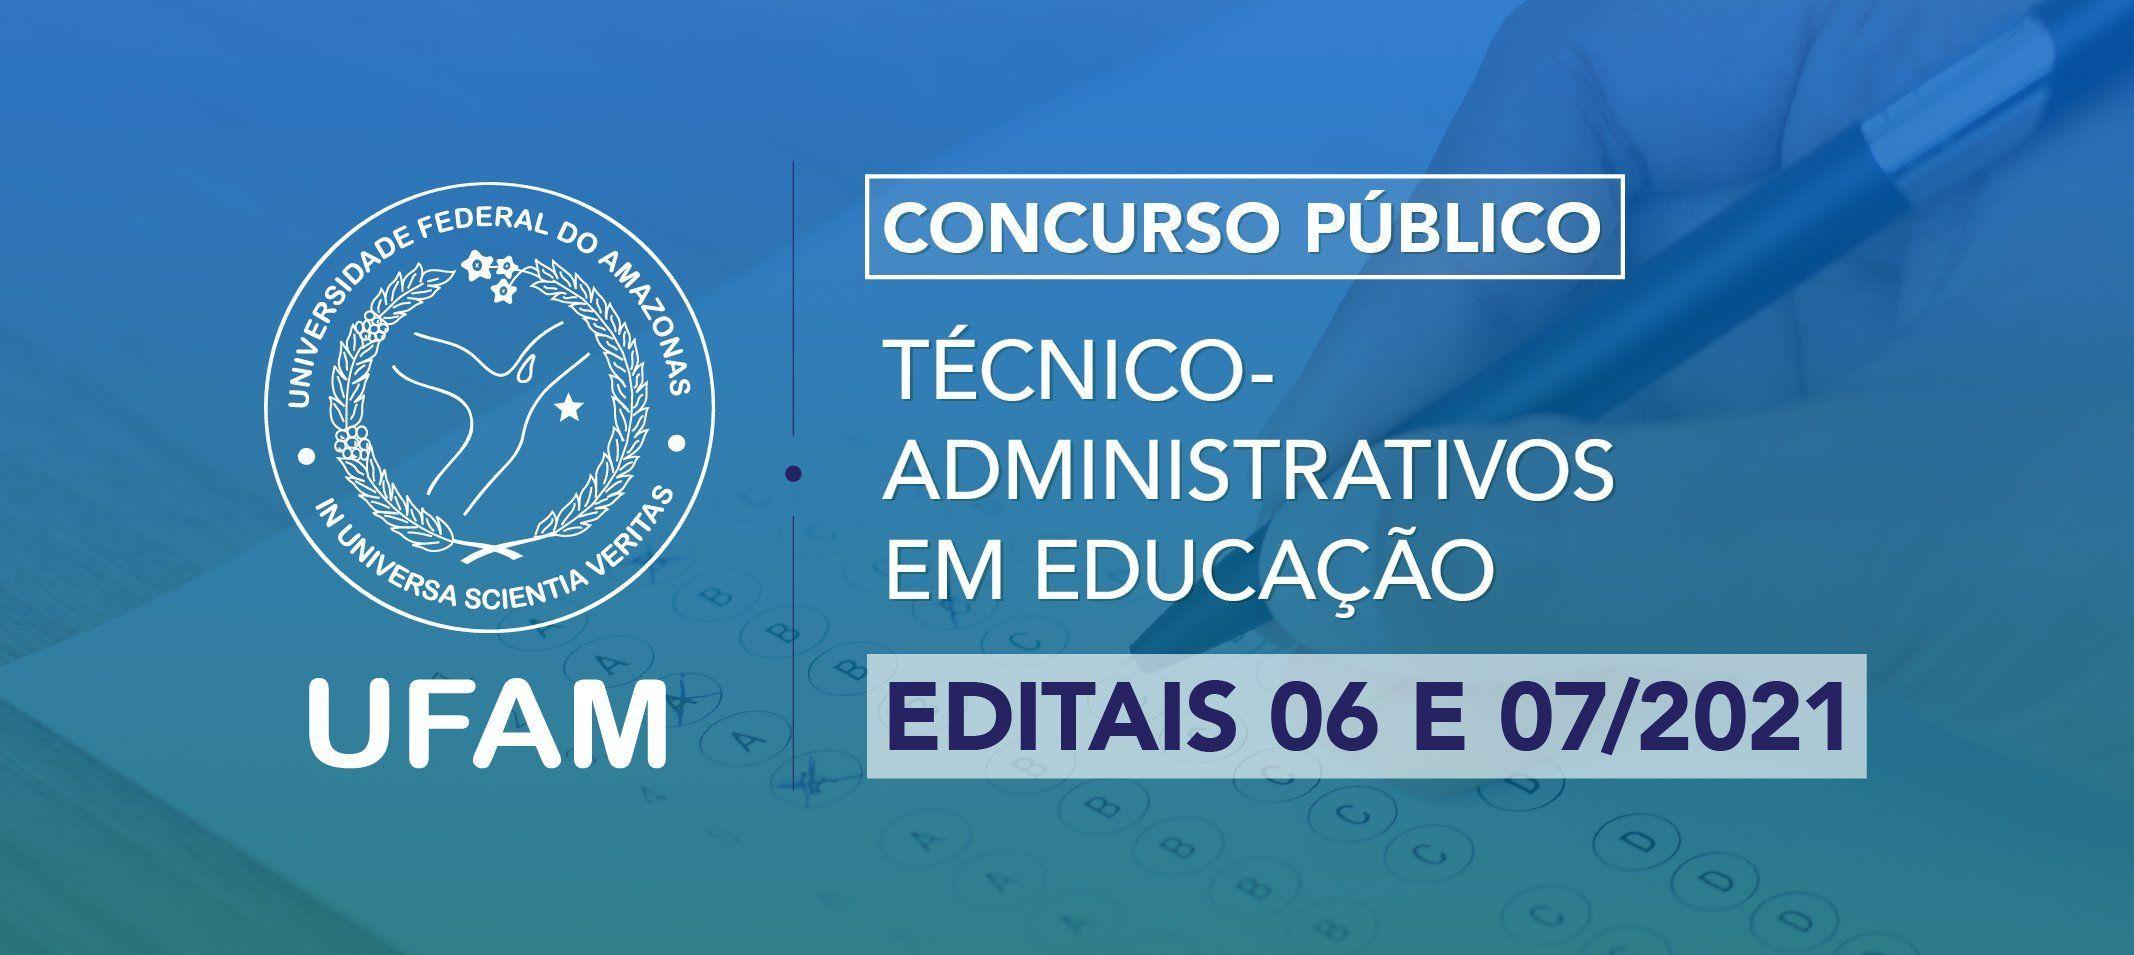 Ufam divulga editais para Técnico-Administrativo em Educação, classificações